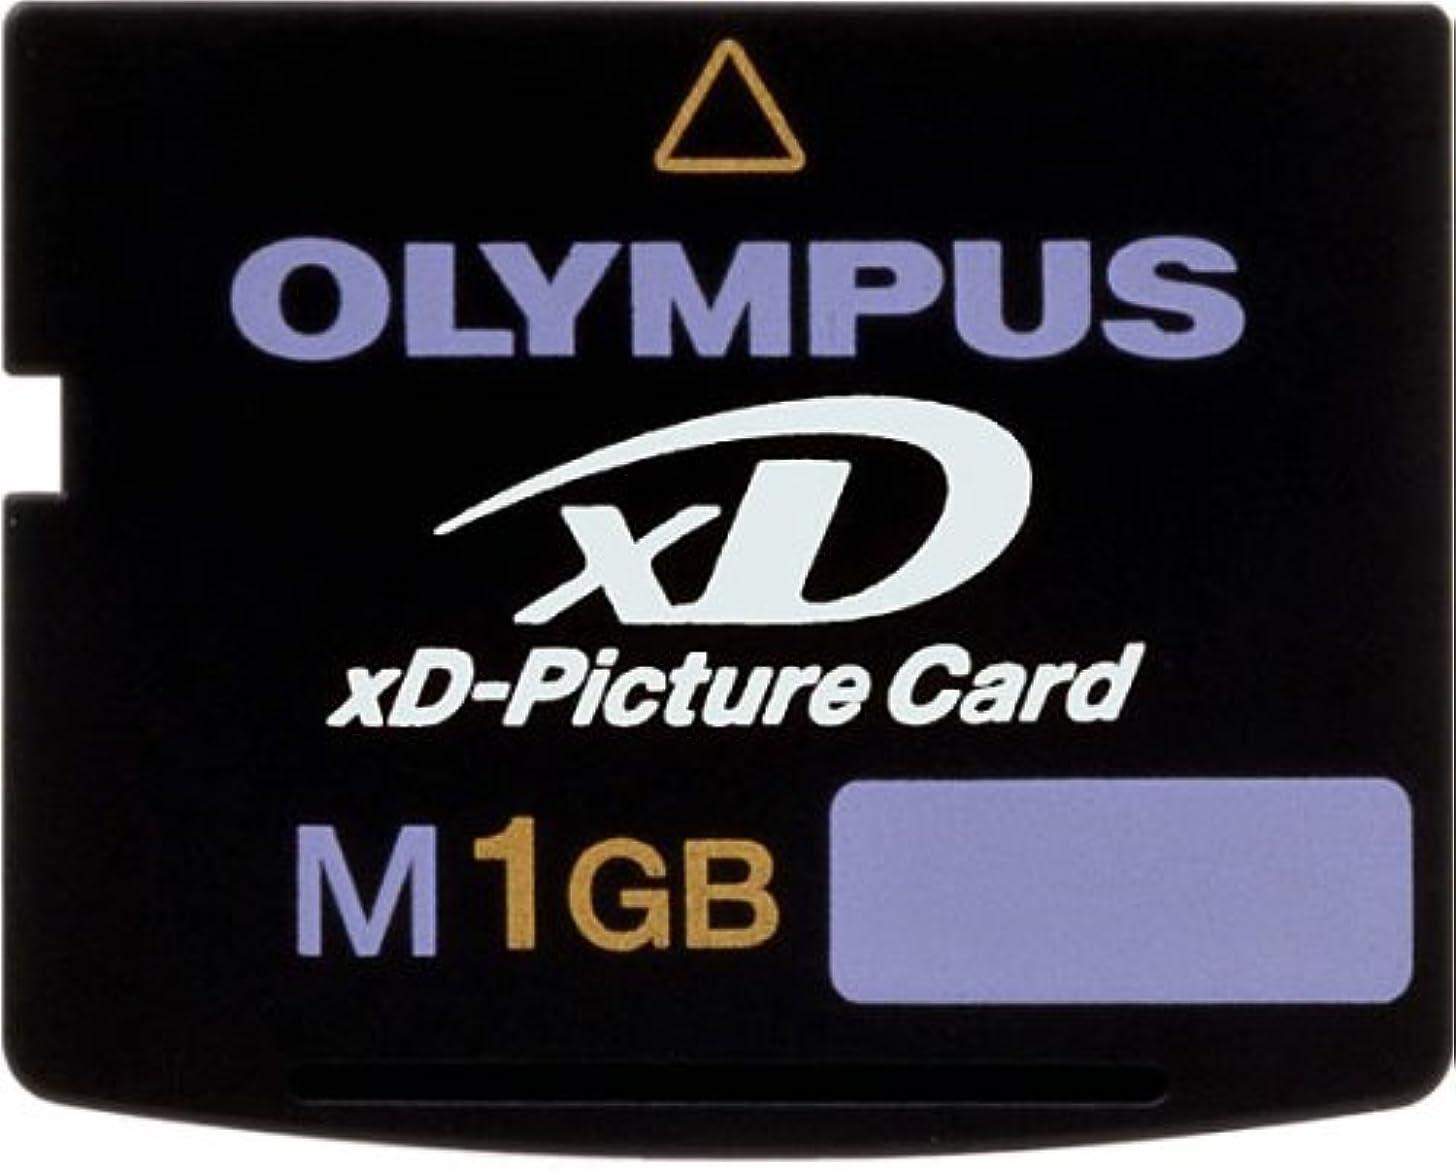 終わらせる説明的リンケージオリンパス XD Picture Card 1GB